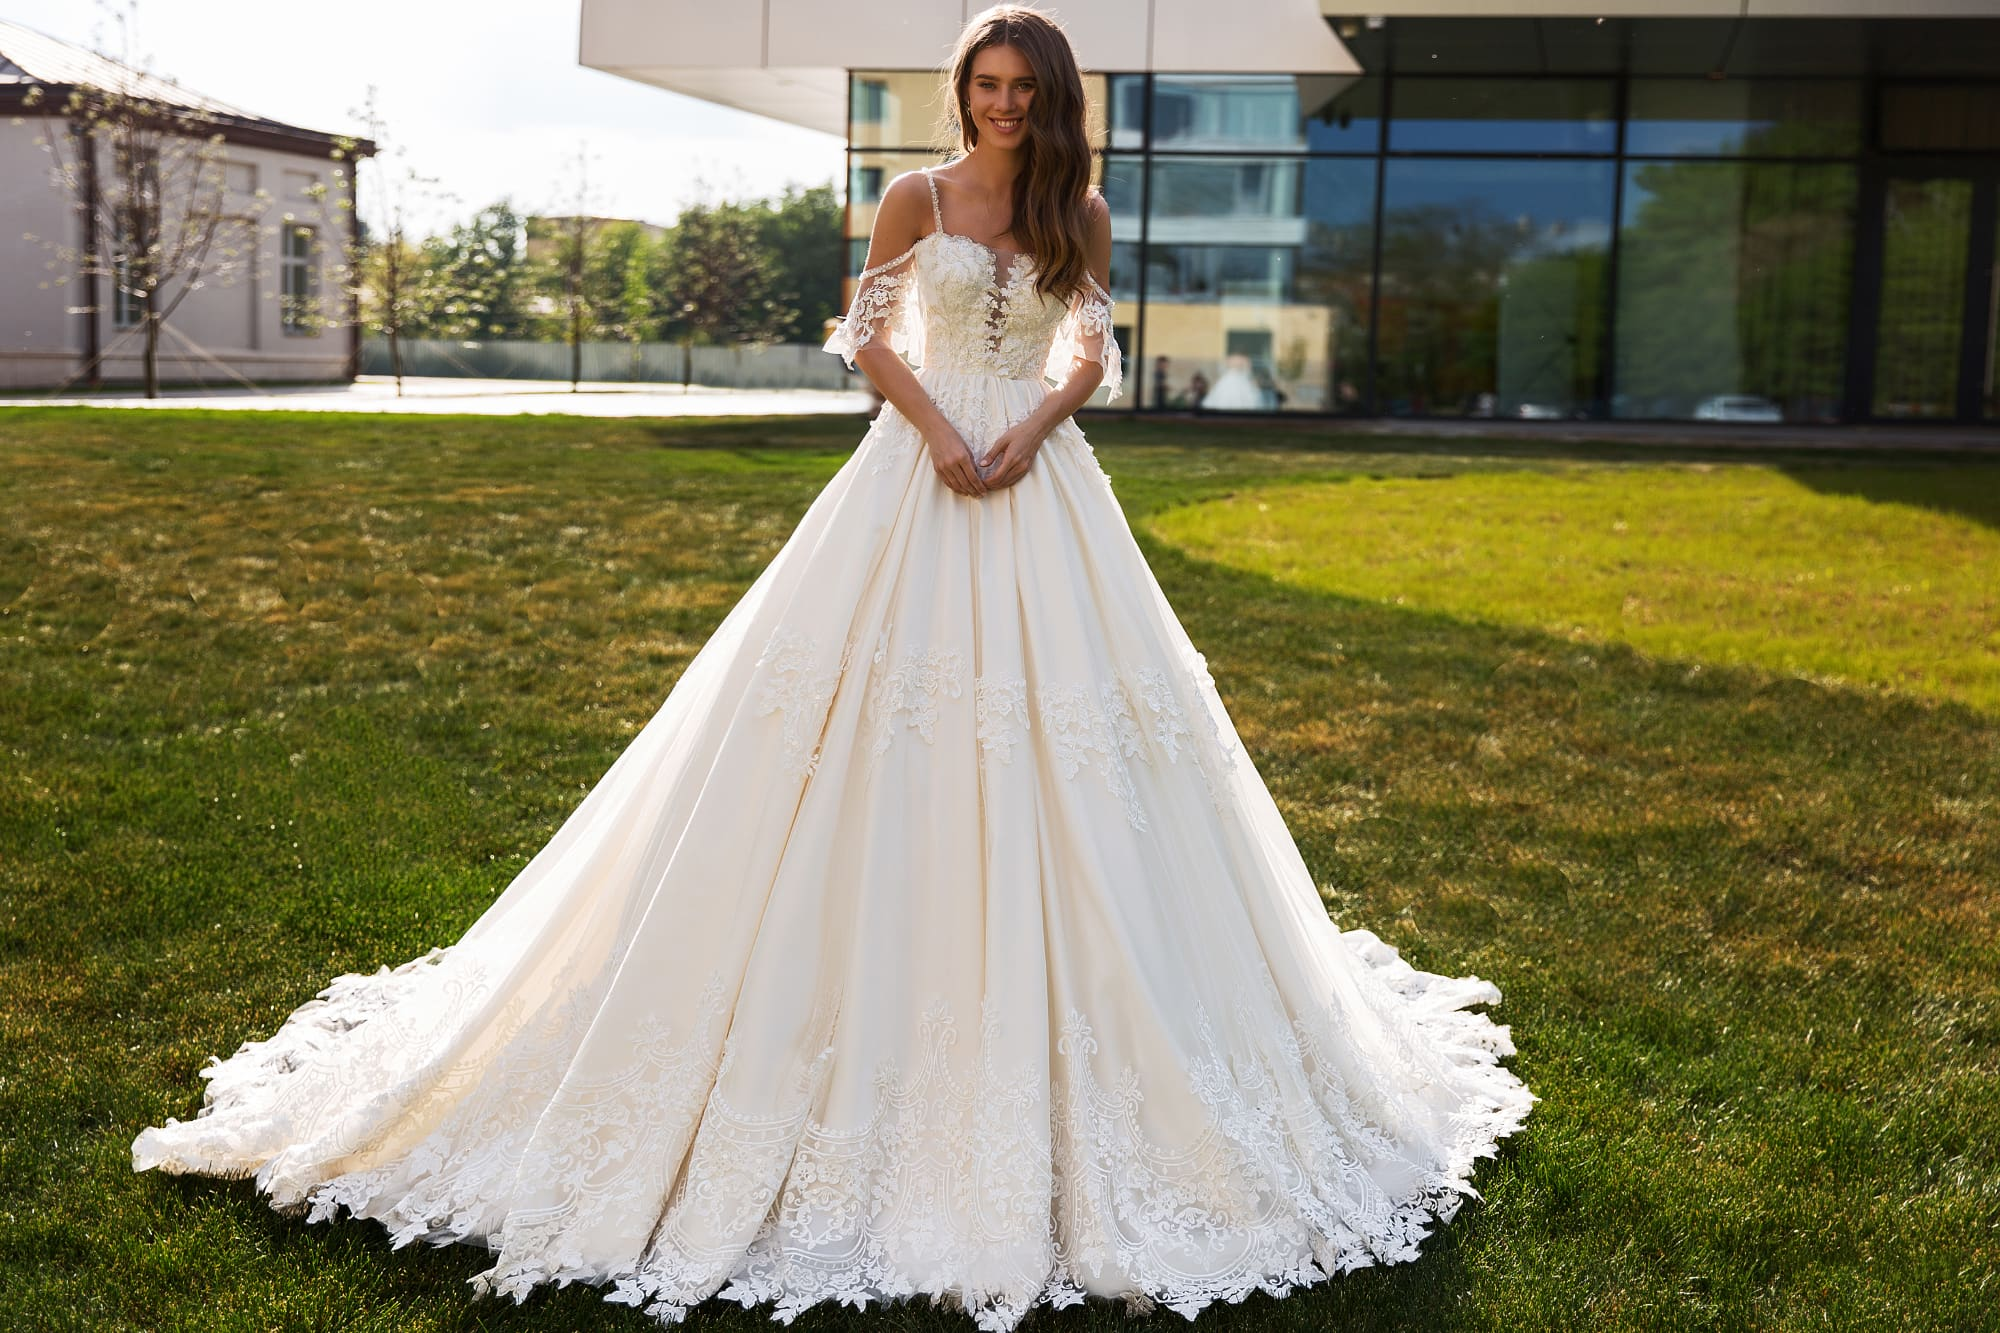 Пышное свадебное платье с оригинальным верхом и кружевным декором.